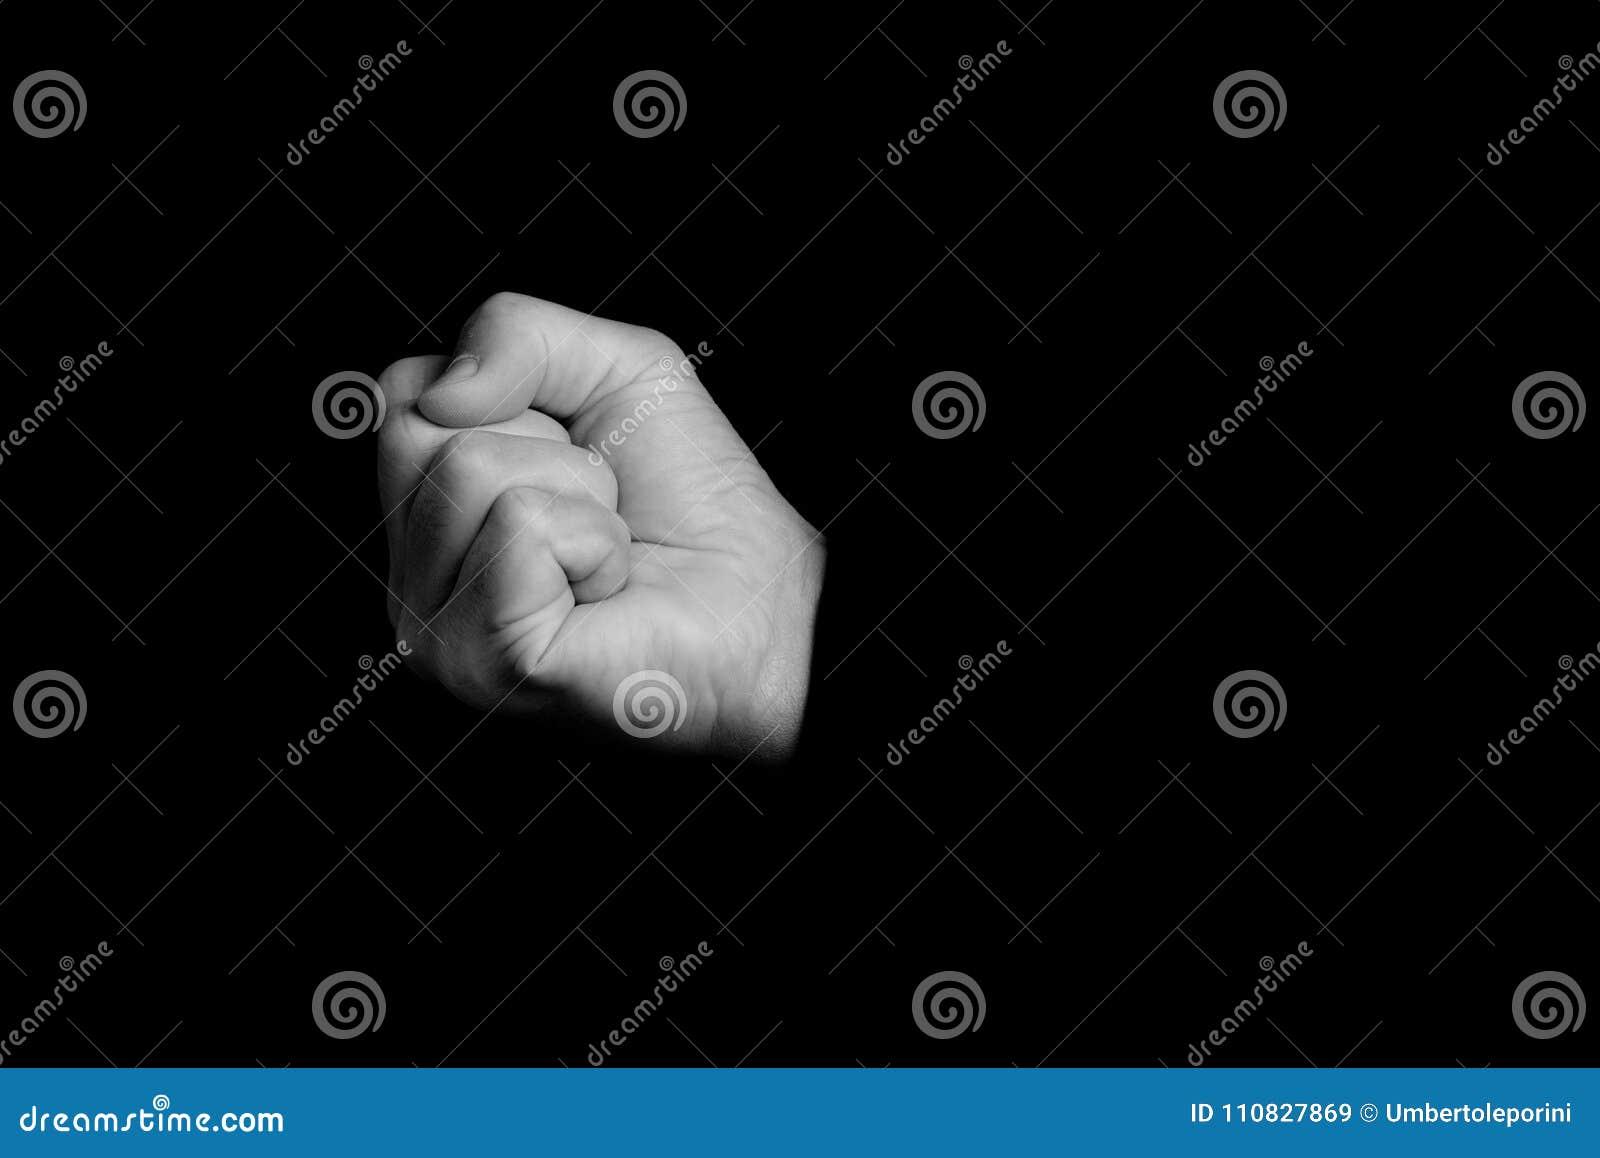 Punho - gestos de mão em um fundo preto